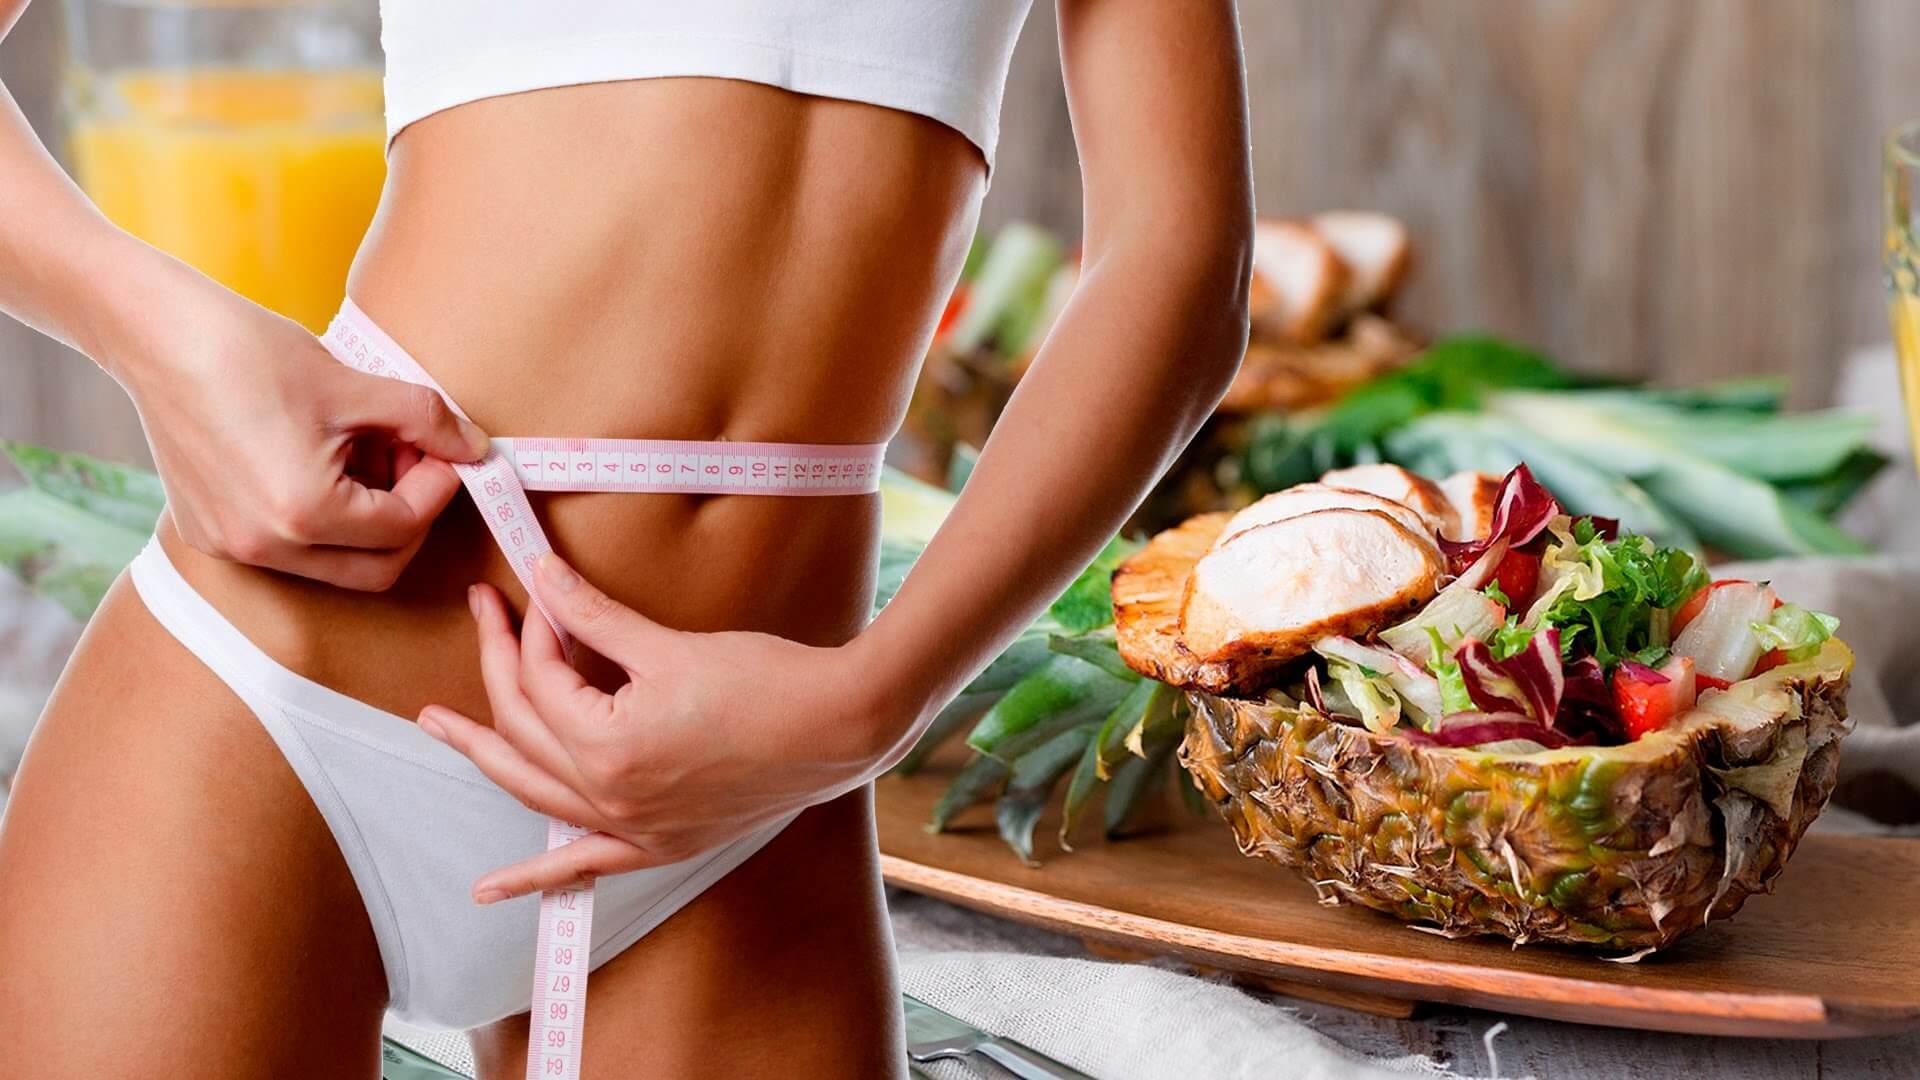 Диета Недорого Но Эффективно. Дешевая диета: как похудеть бюджетно